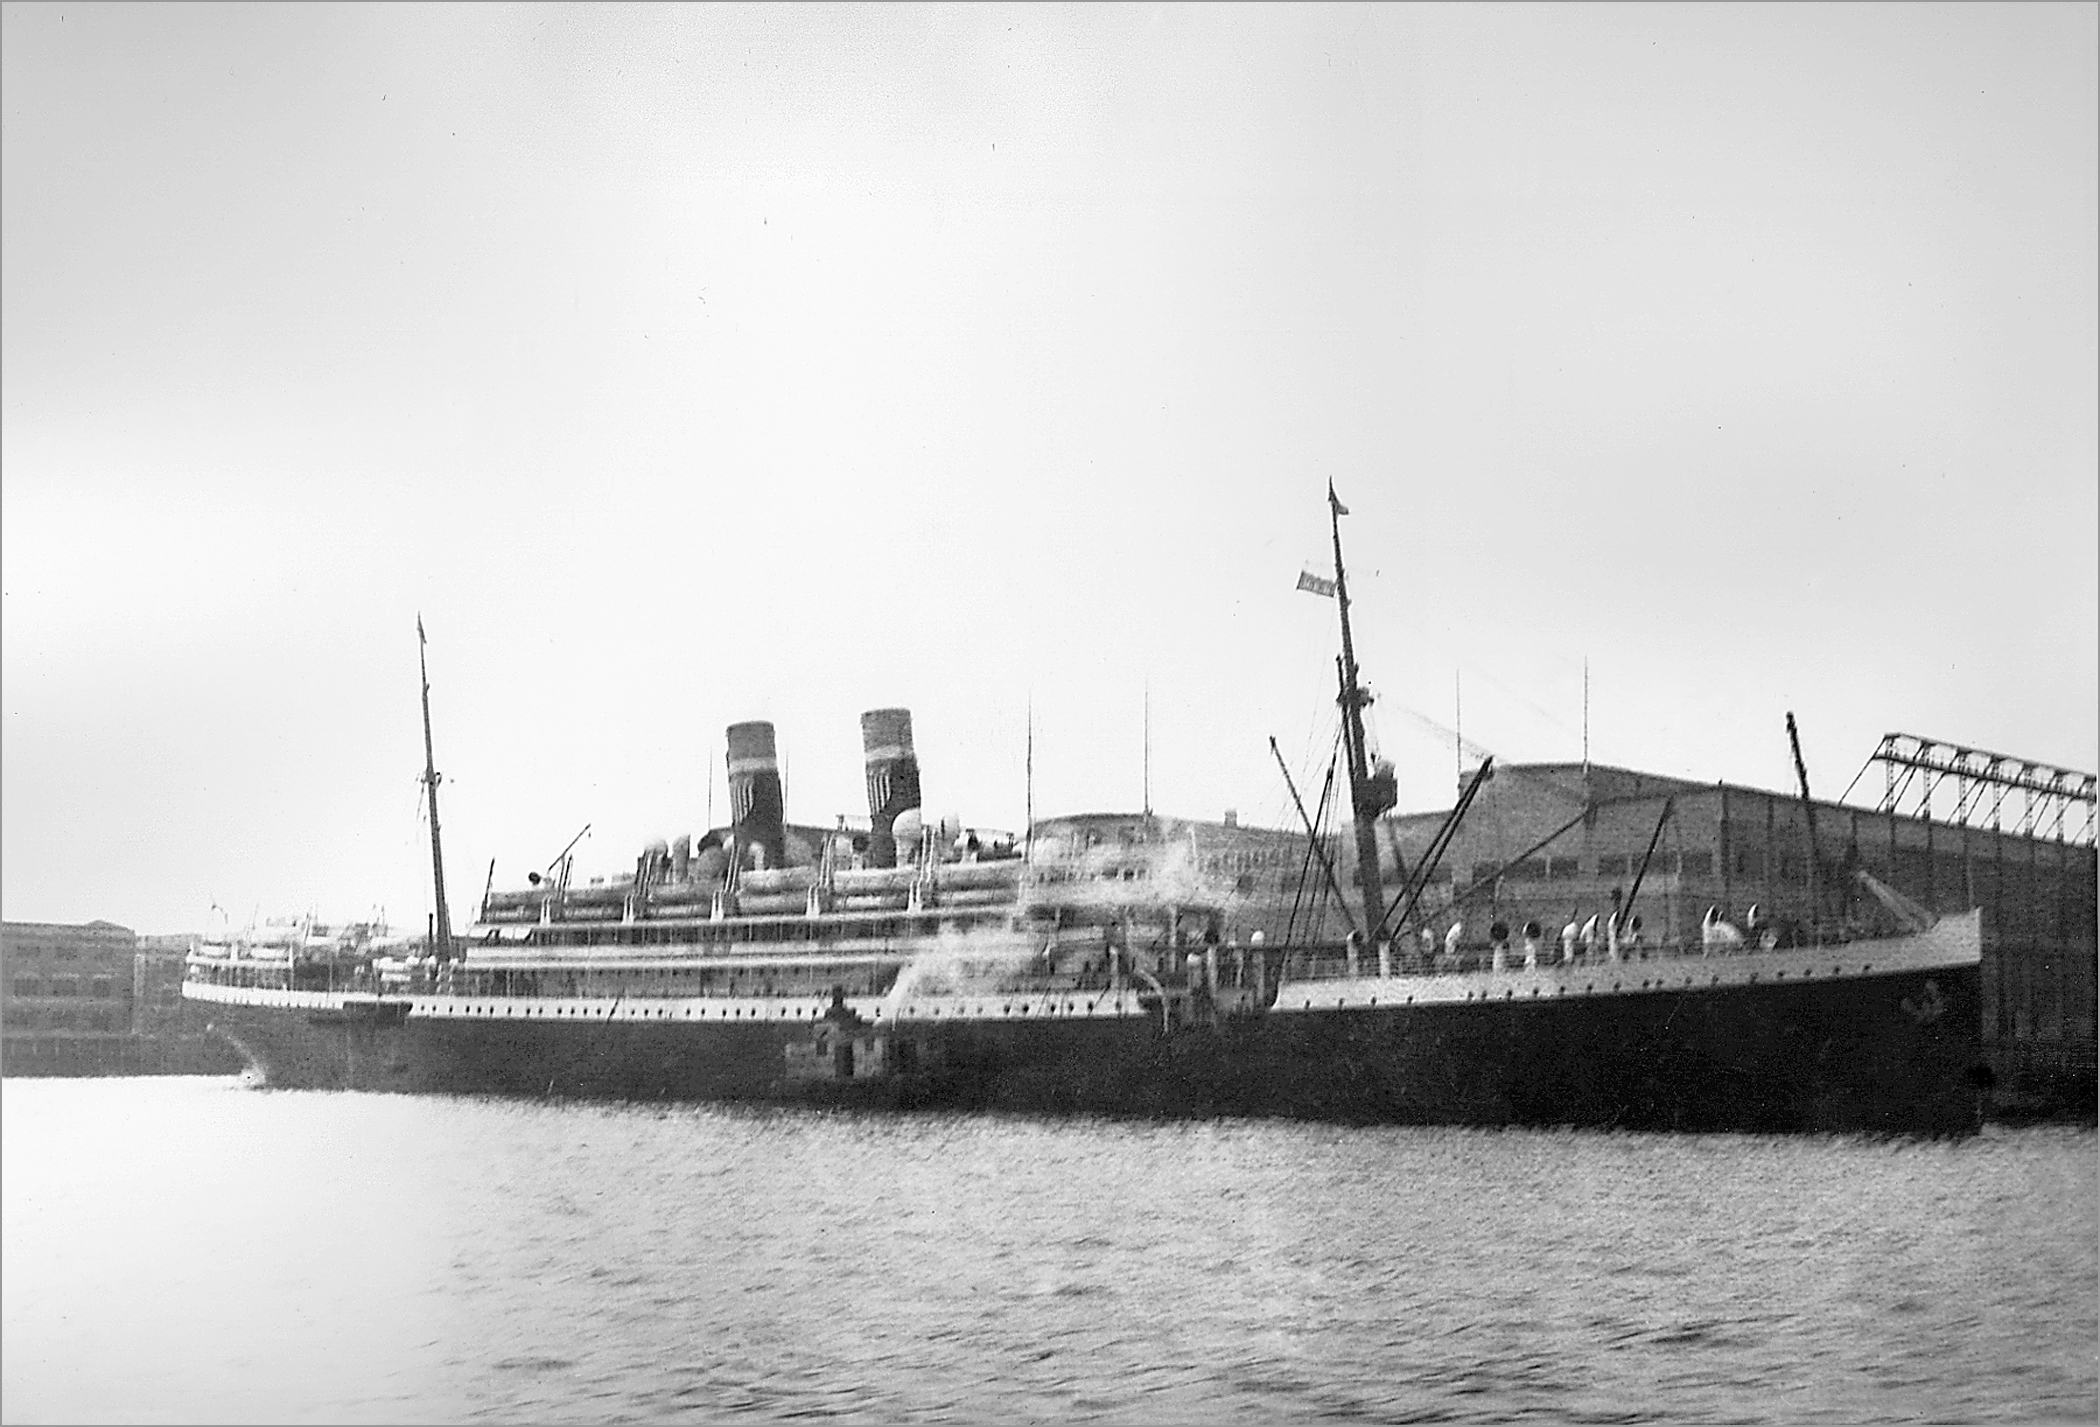 Prinzess Irene. Undated photograph, courtesy Ellis Island Foundation.